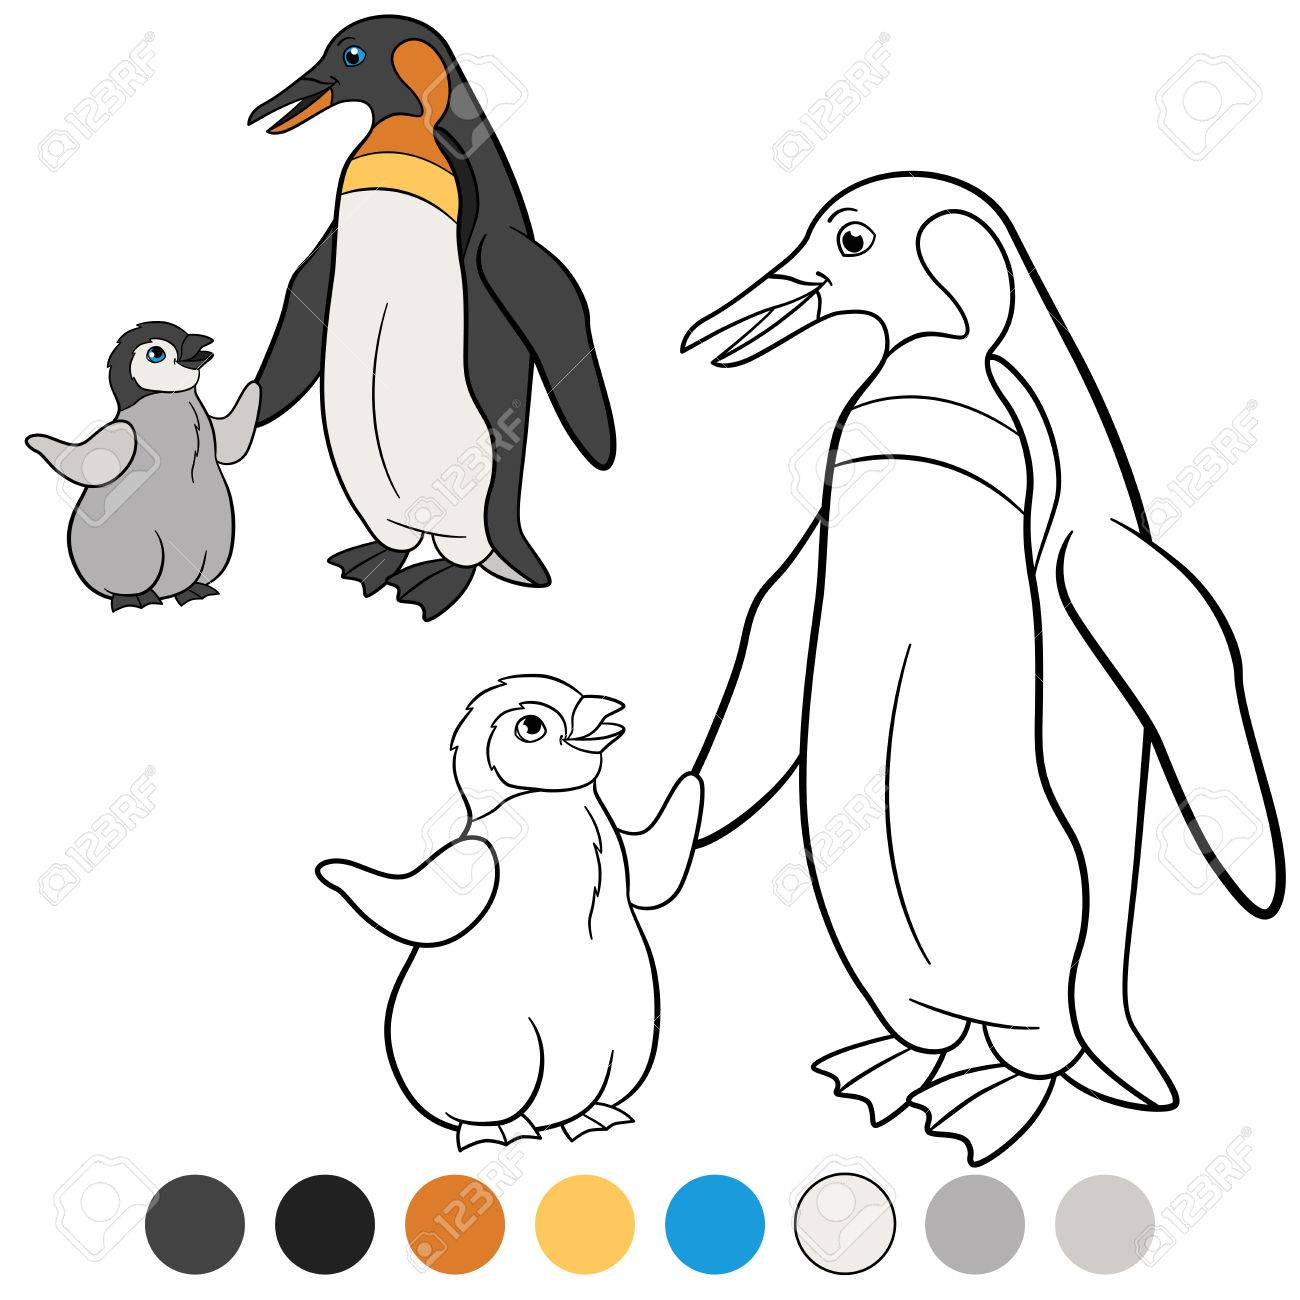 Beste Malvorlagen Von Baby Pinguinen Bilder - Druckbare Malvorlagen ...